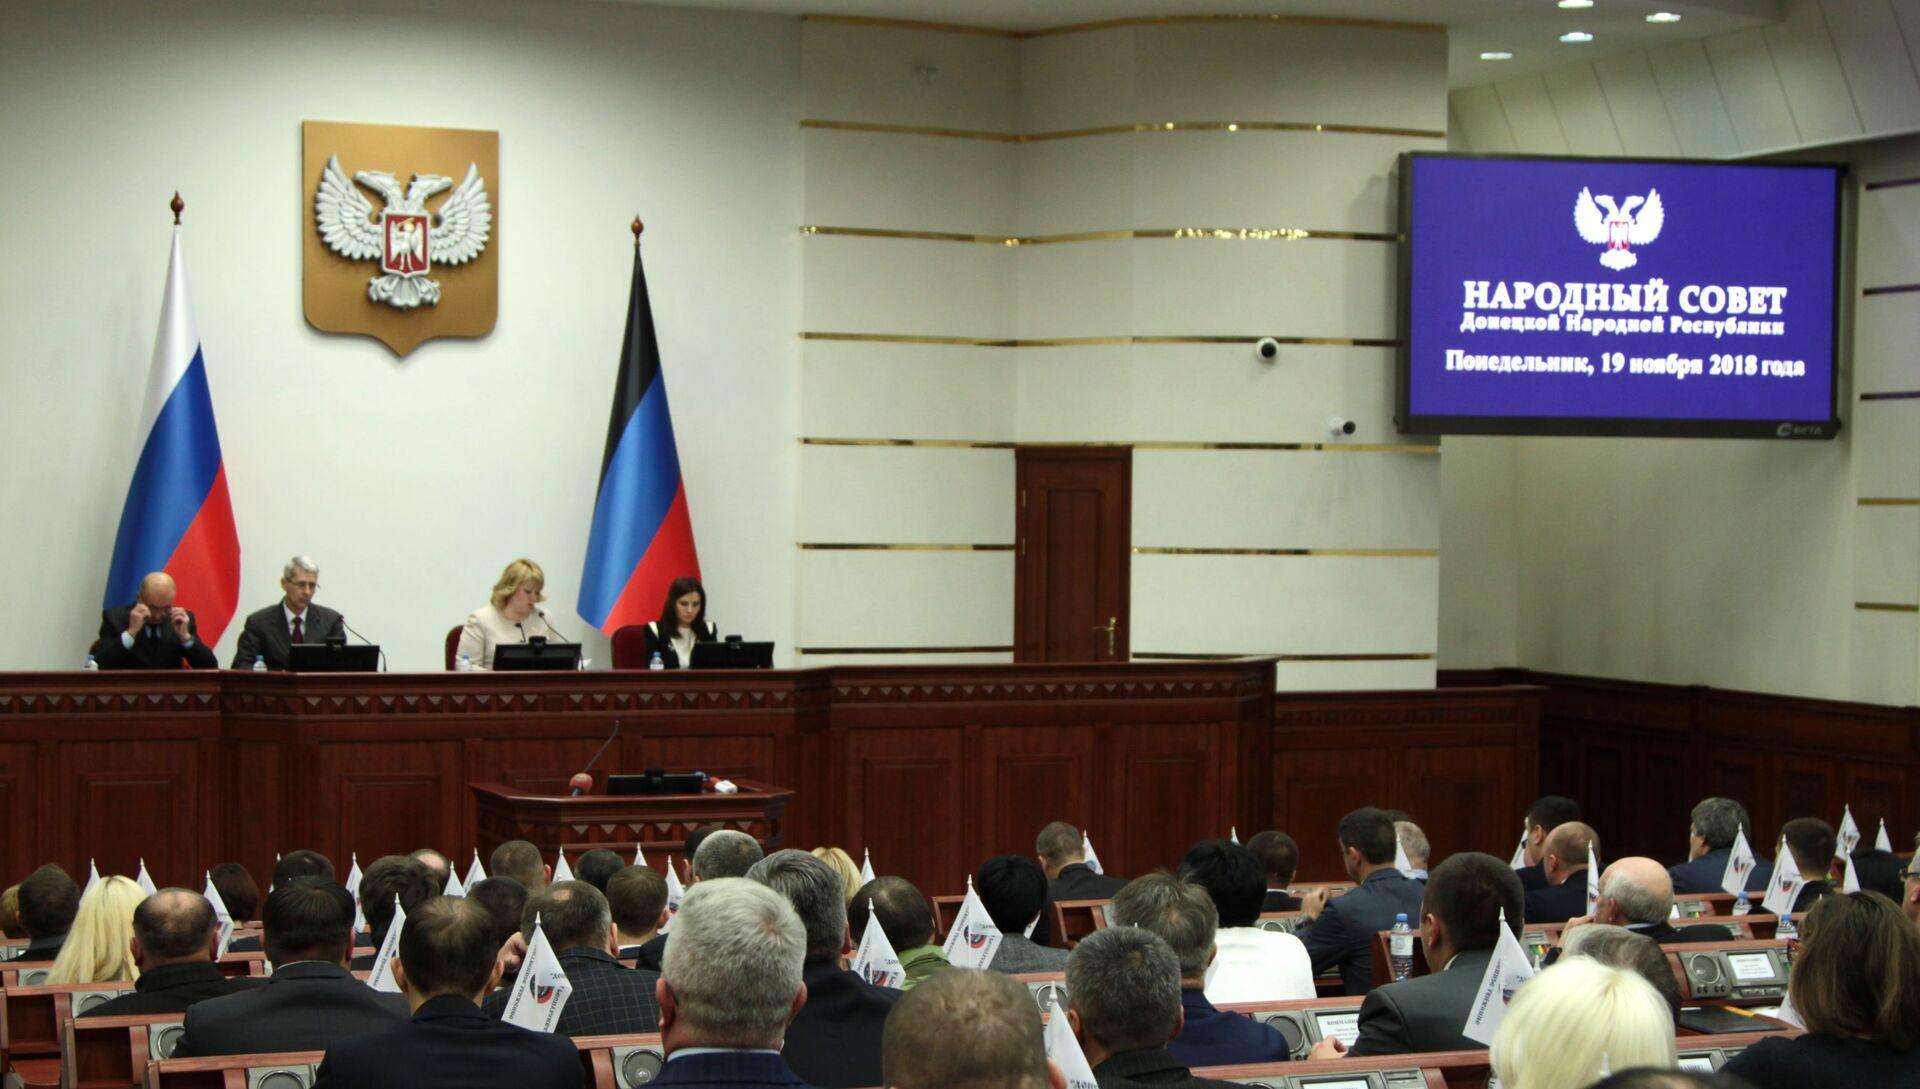 Первое заседание парламента ДНР нового созыва - РИА Новости, 1920, 09.10.2020